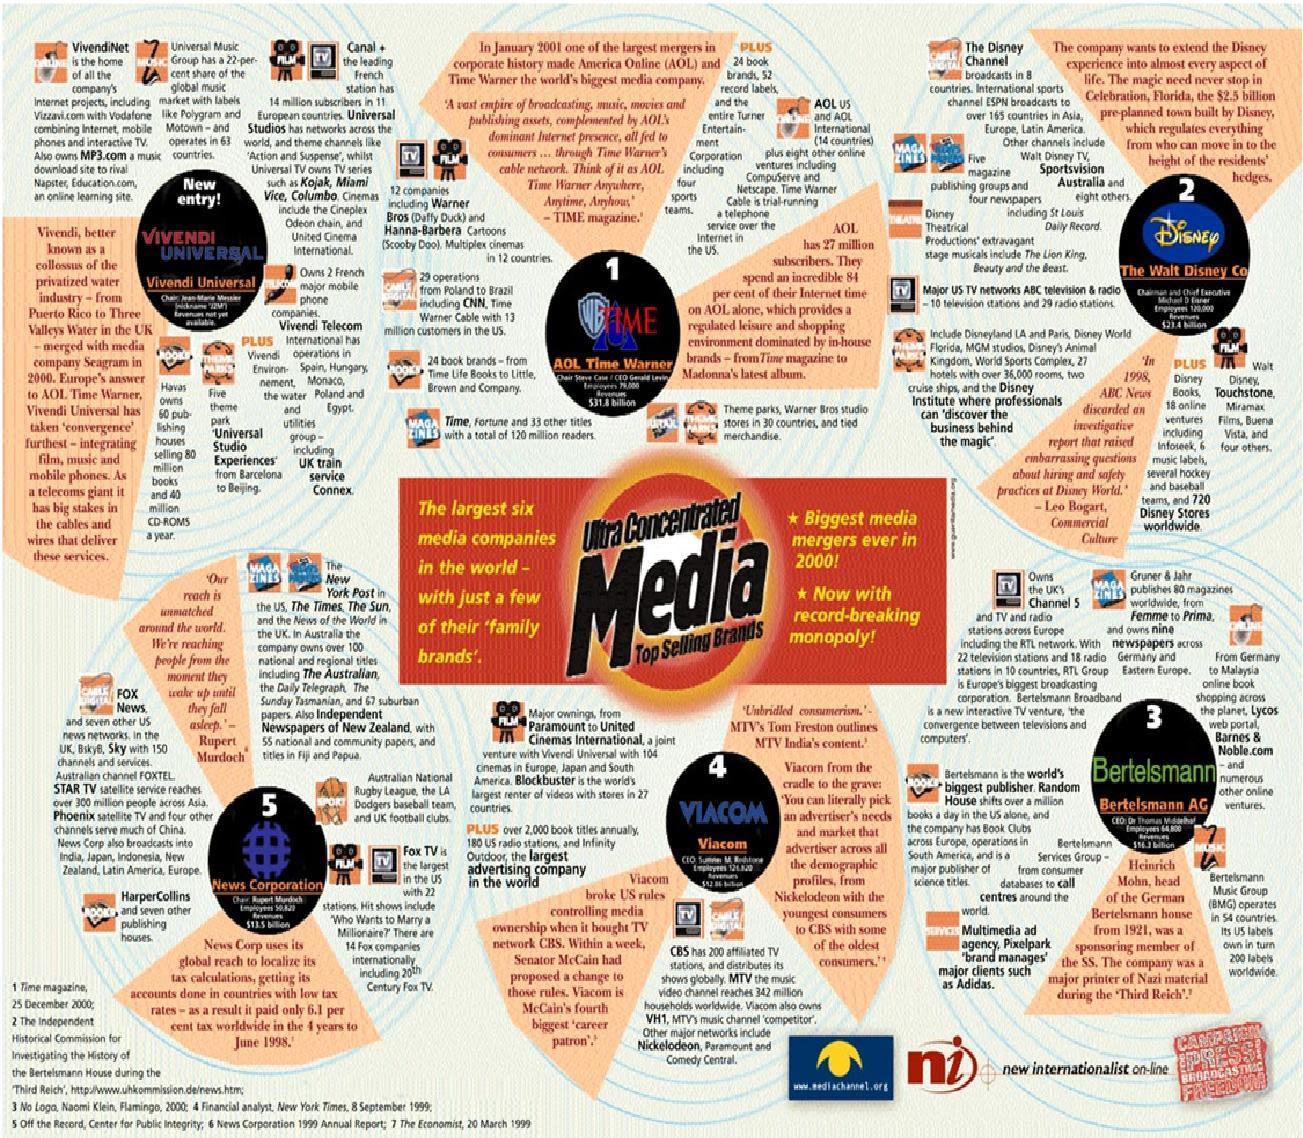 ΠΟΙΟΙ ΕΛΕΓΧΟΥΝ ΤΟ 96% ΤΩΝ ΜΜΕ ΤΟΥ ΠΛΑΝΗΤΗ;